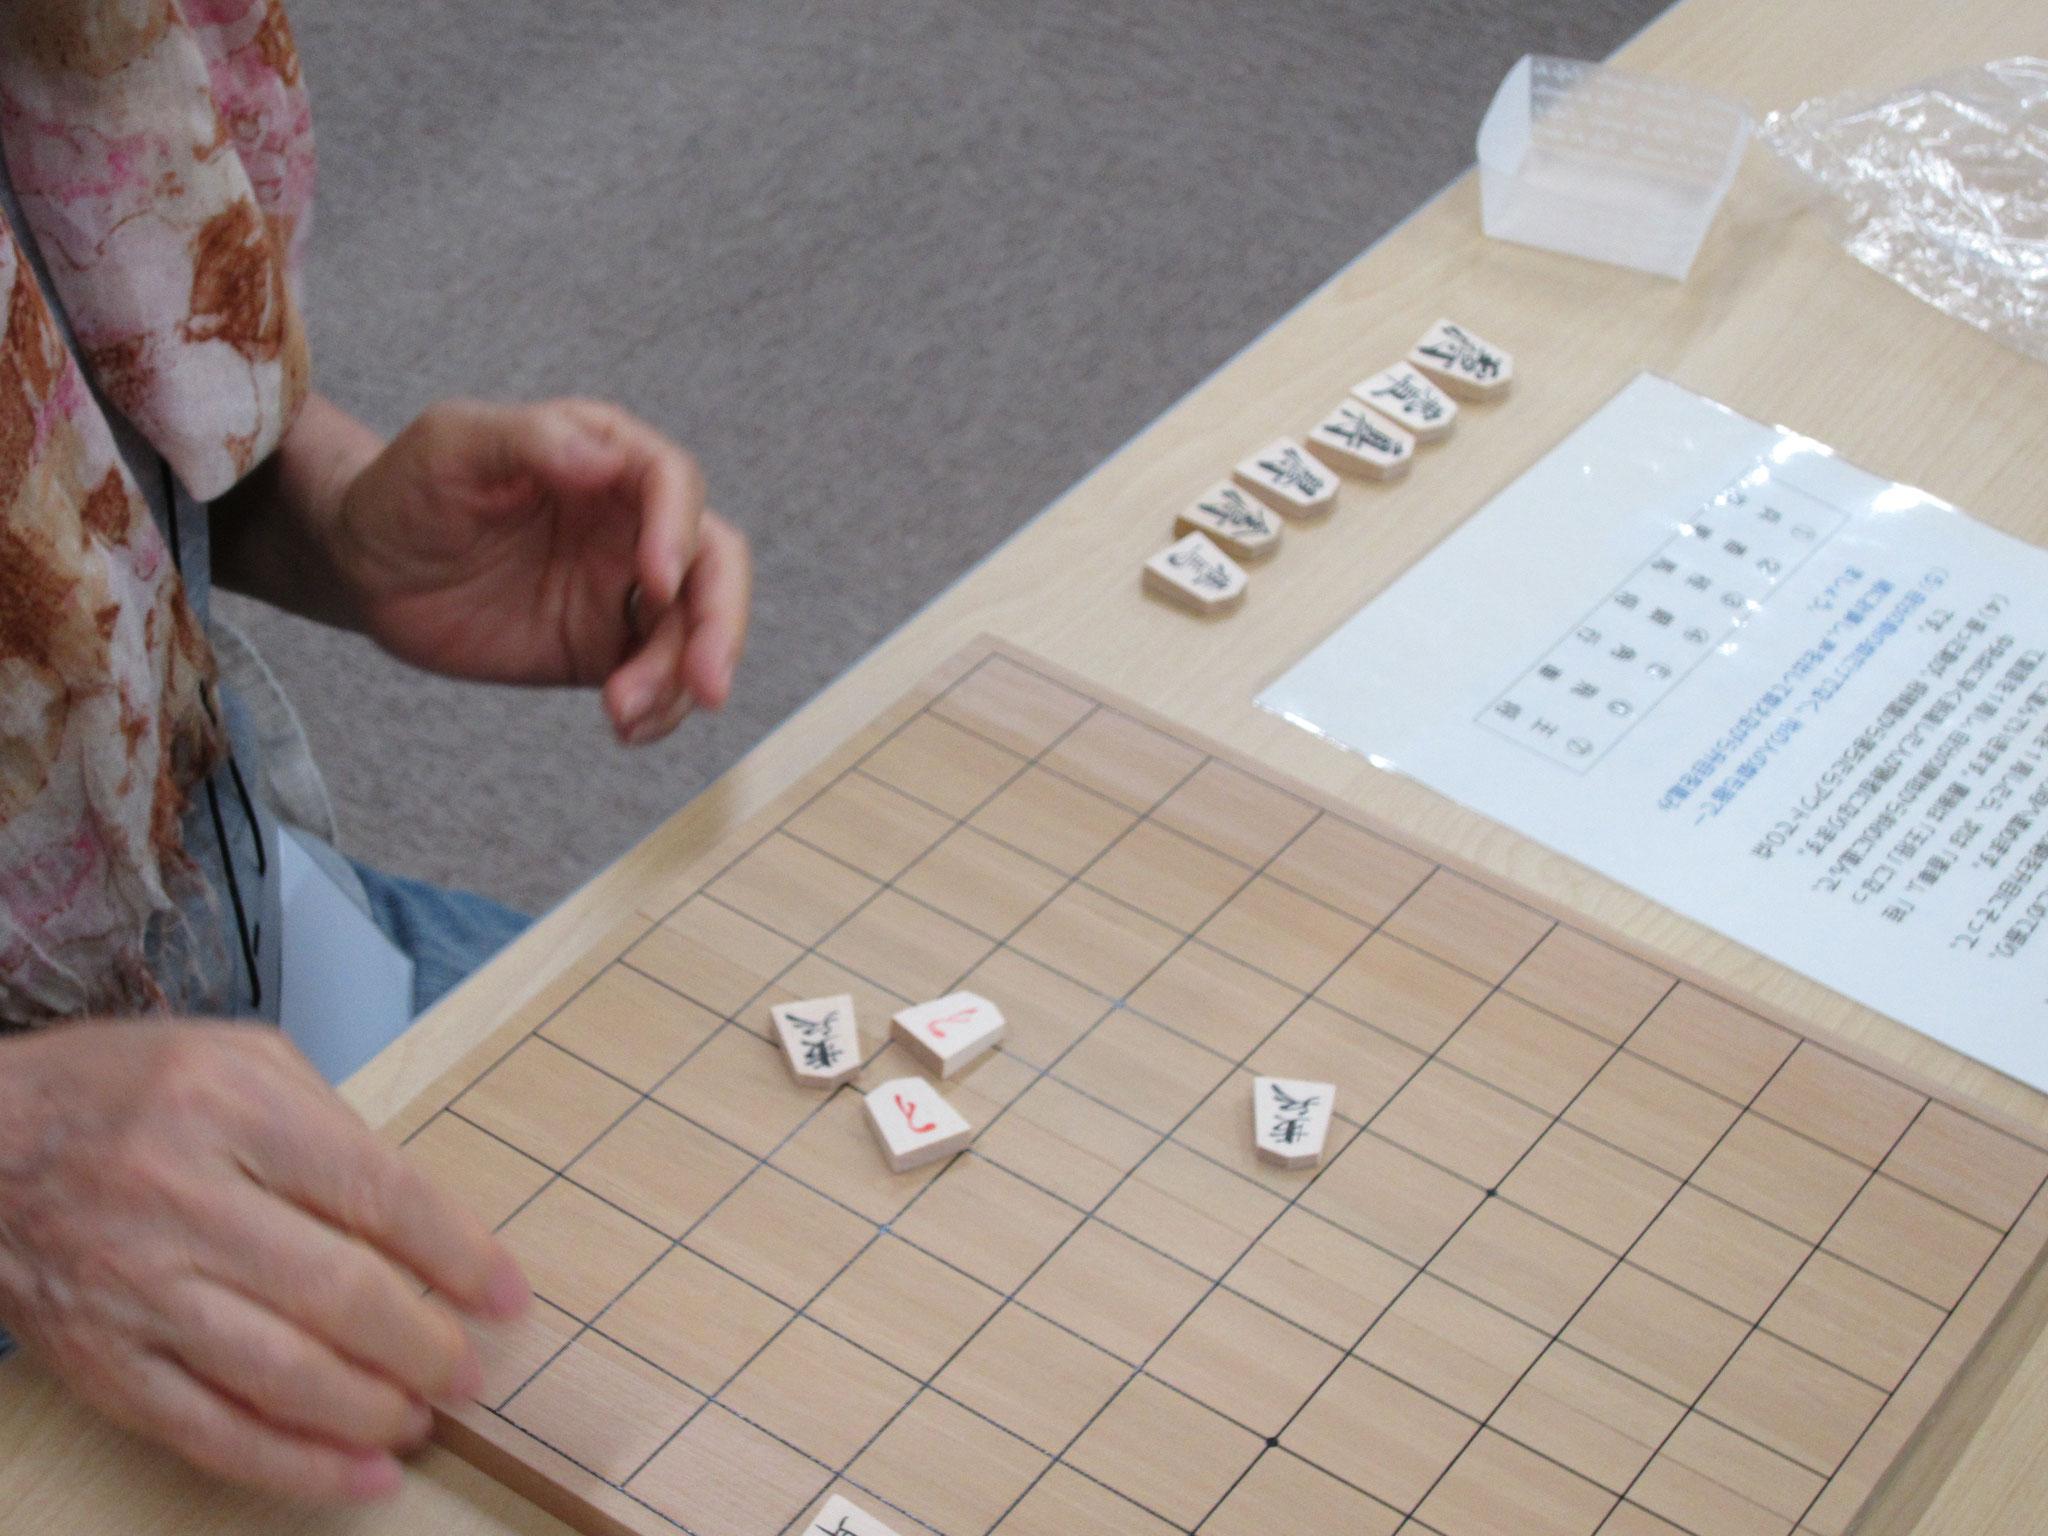 あらかじめ消毒した将棋盤と、必要な駒を組み合わせ、ひとり1セットお渡しします。